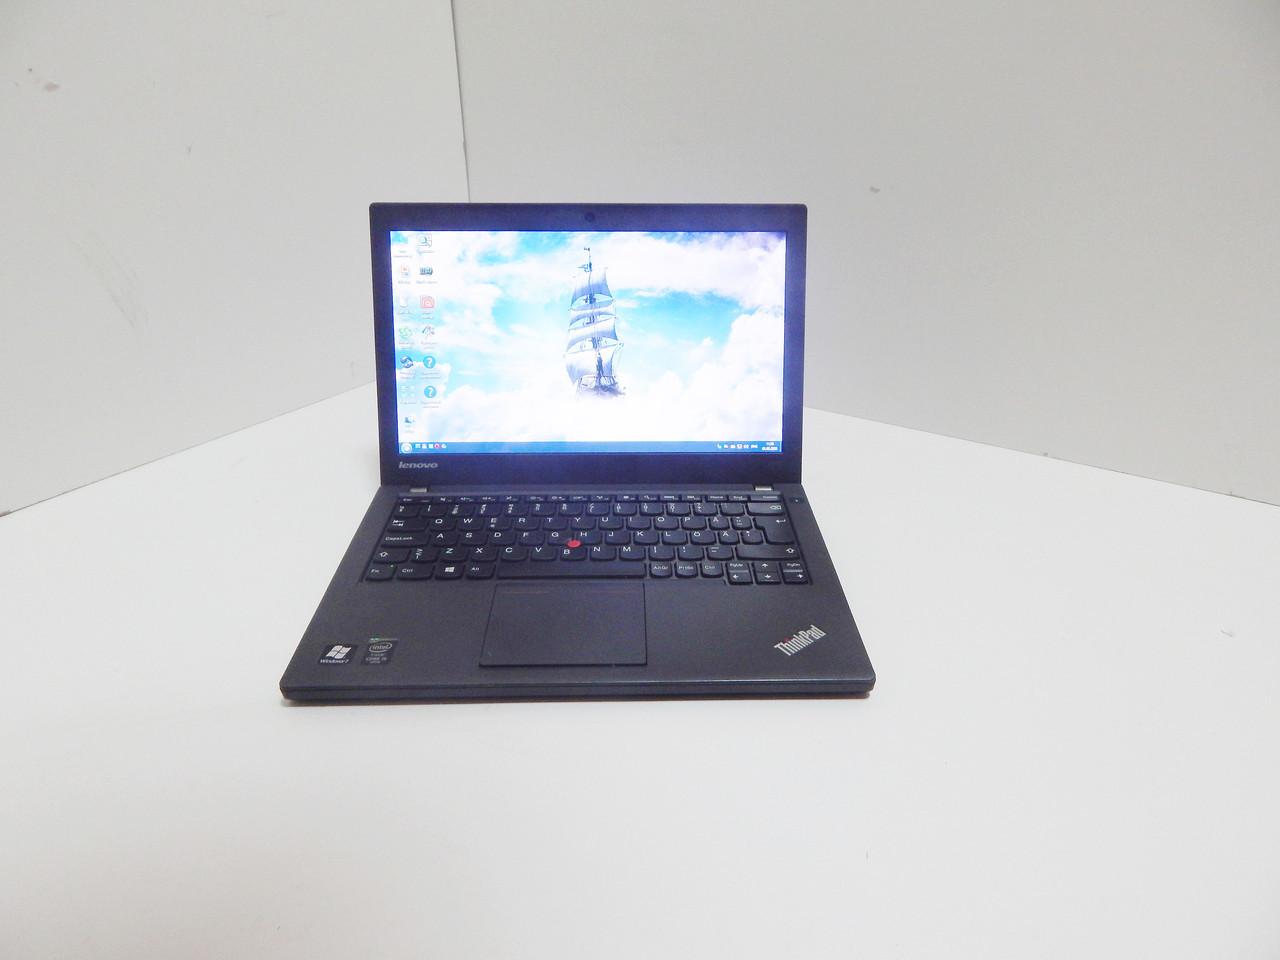 """Ноутбук с двумя батареями!!! Lenovo ThinkPad X240 12,5"""" LED i5-4200U 2,9 Ghz /4/128 SSD/WEBCAM/intel HD 4400"""